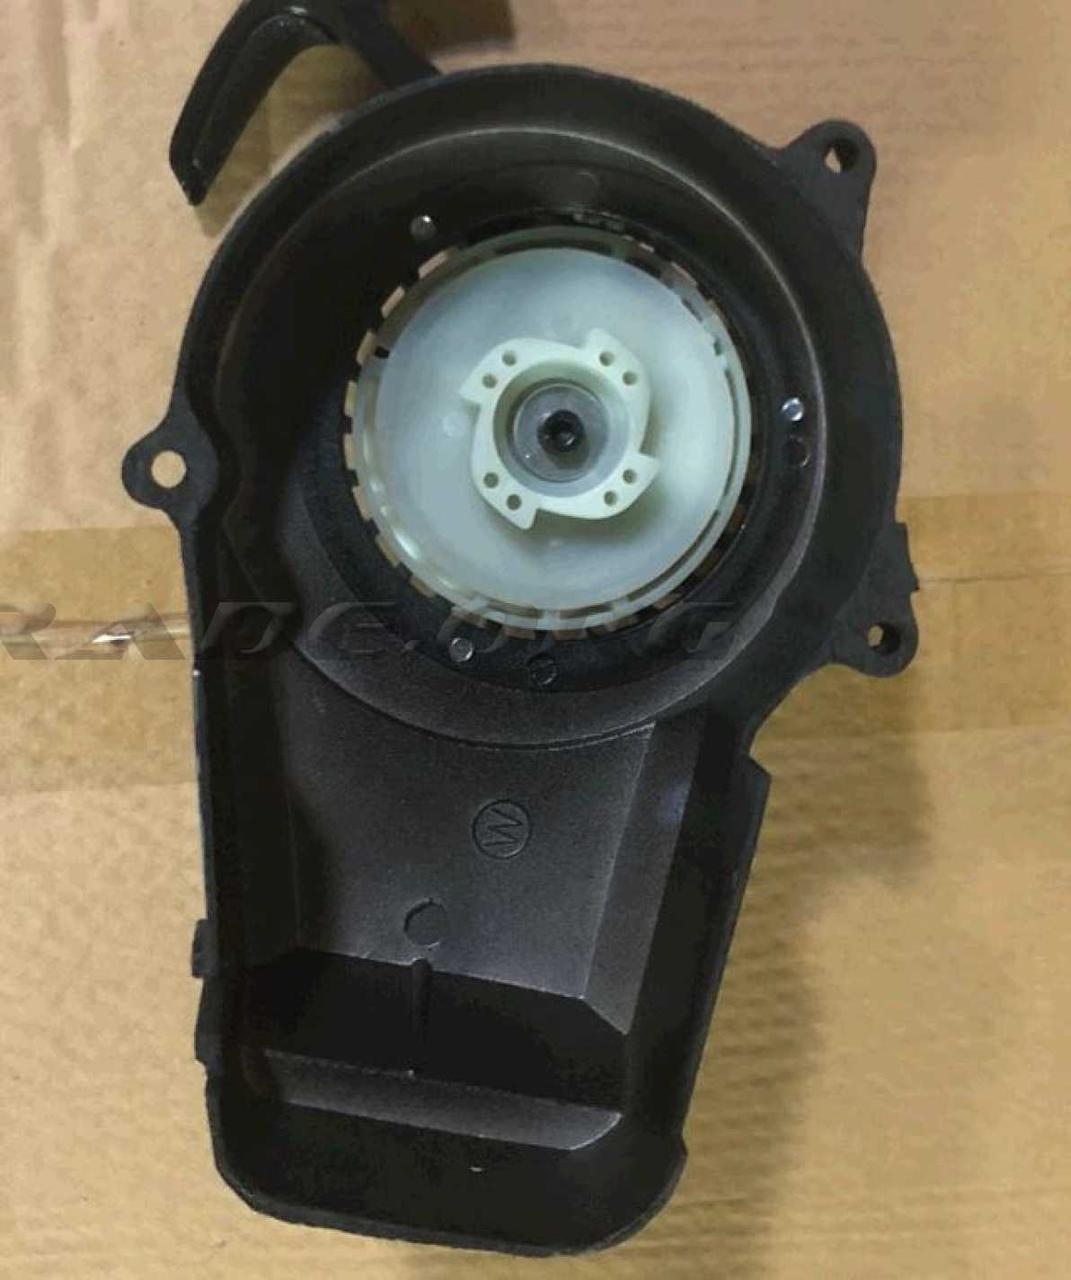 Крышка заводная минимото   2T ATV   50-80сс   (стартер, шнур, черная)   VV, шт